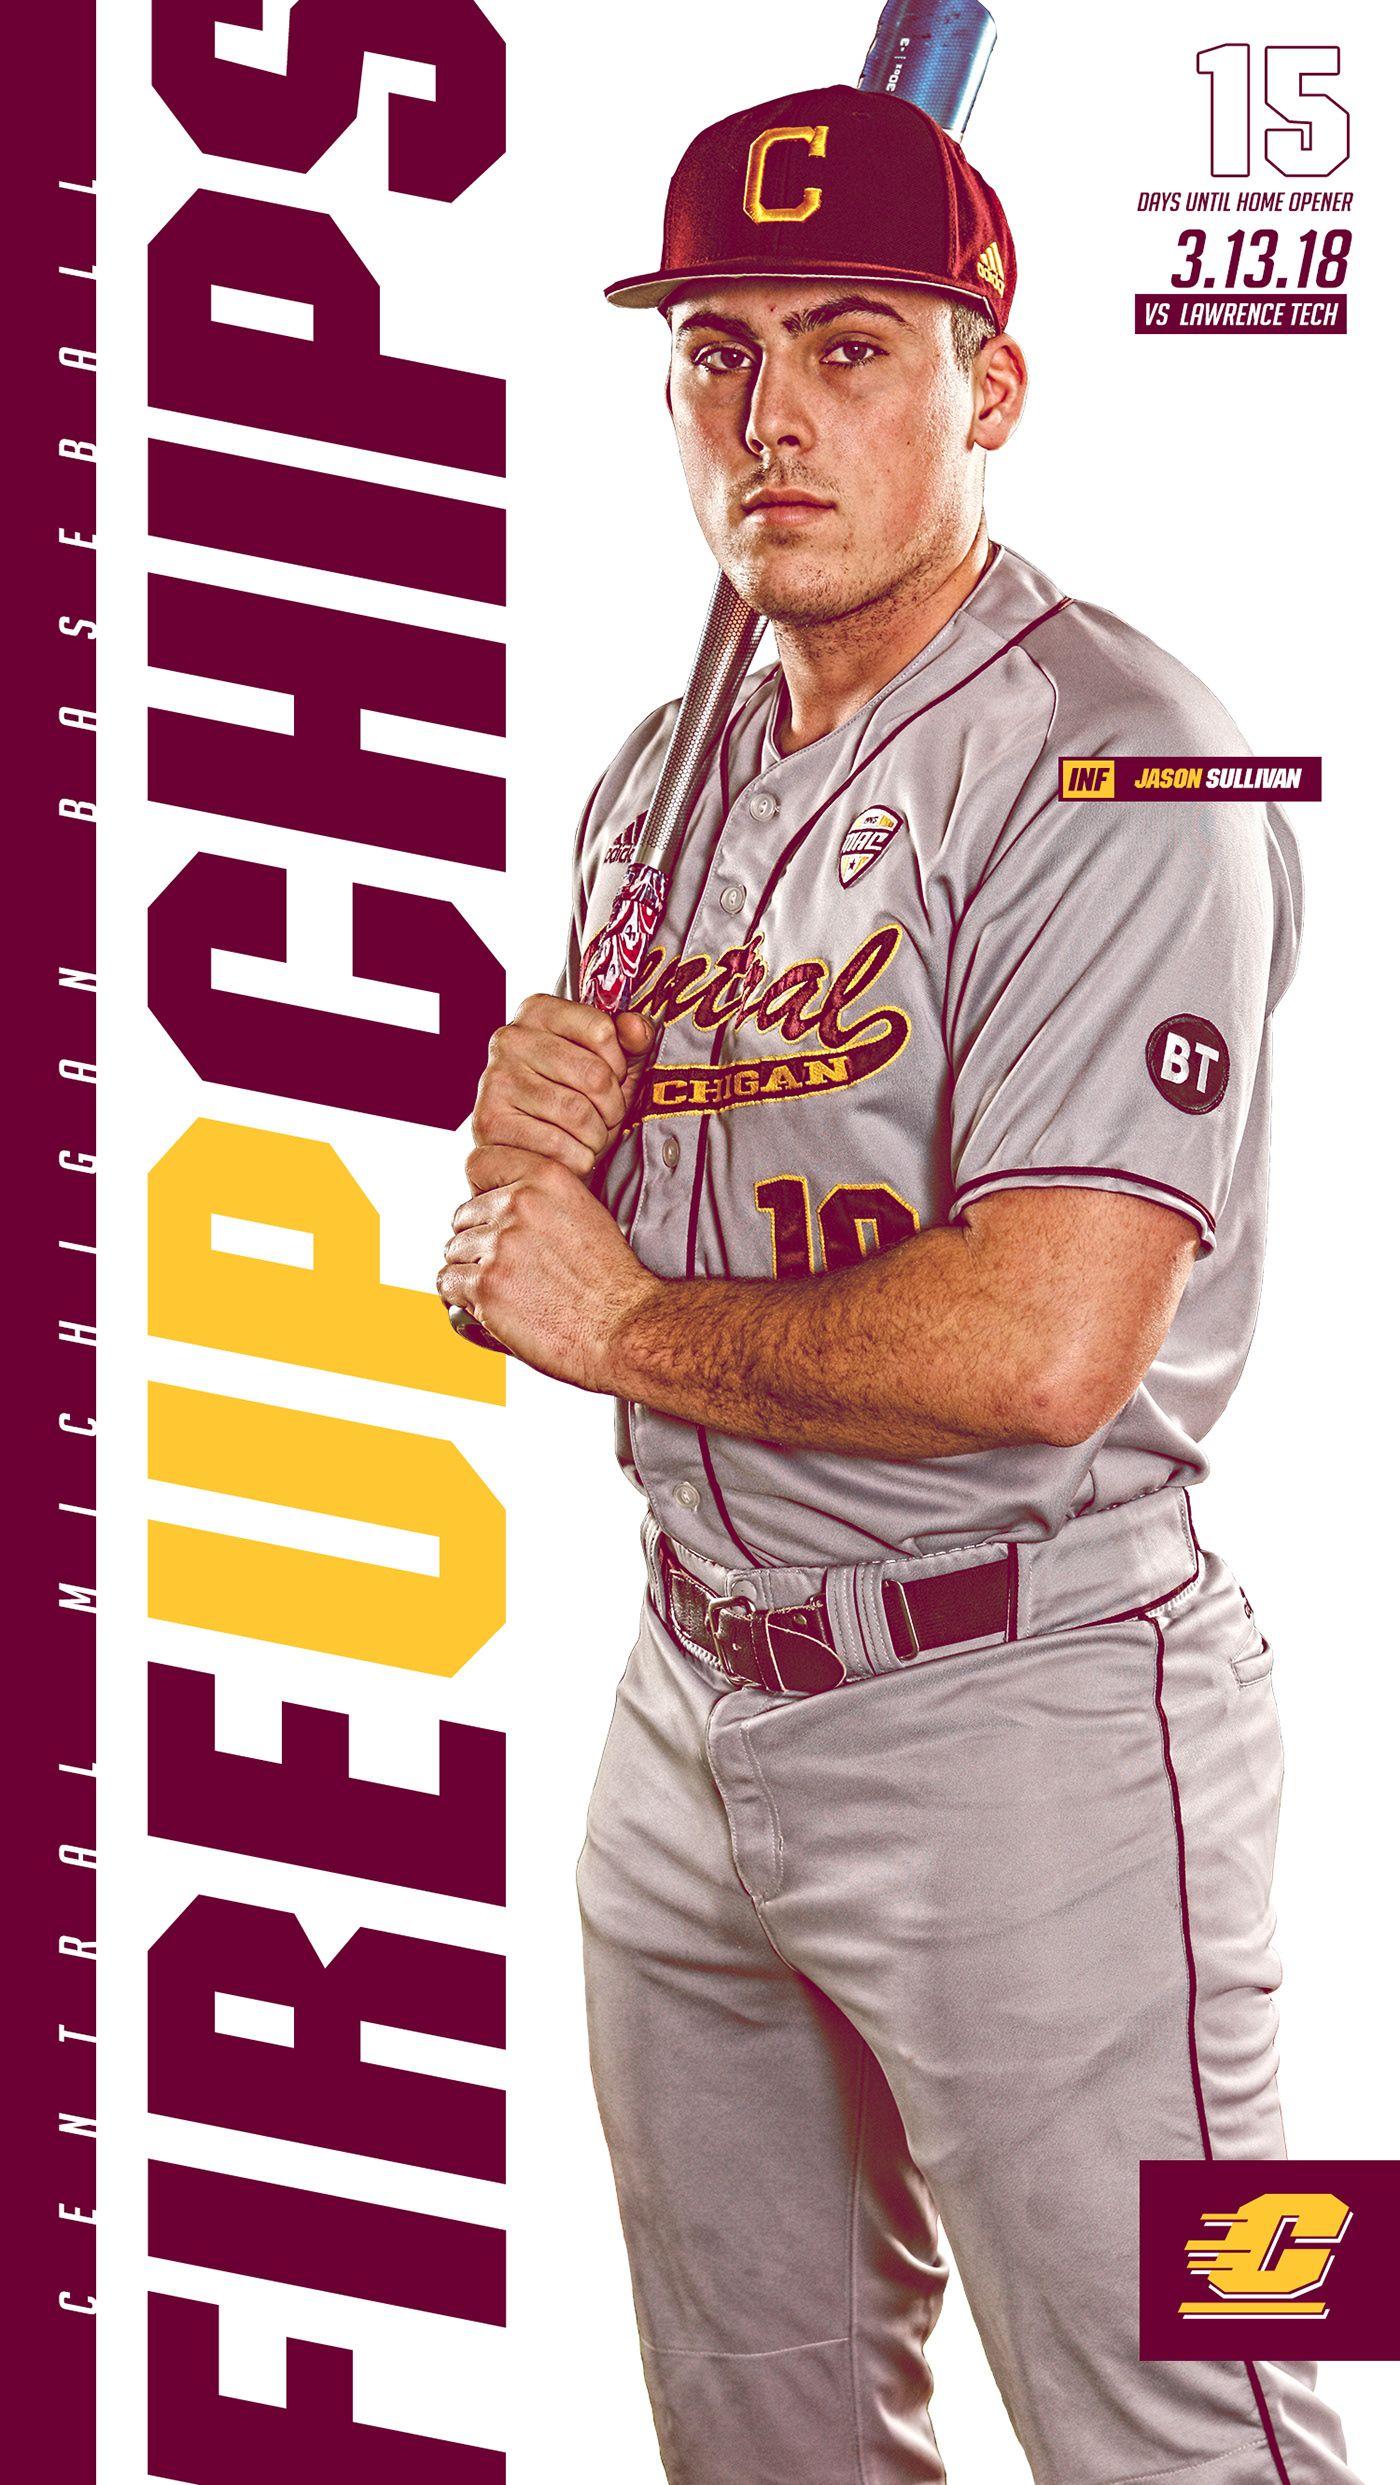 Sports Photography At Cmu: CMU Baseball And Softball: Mobile Countdown Graphics On